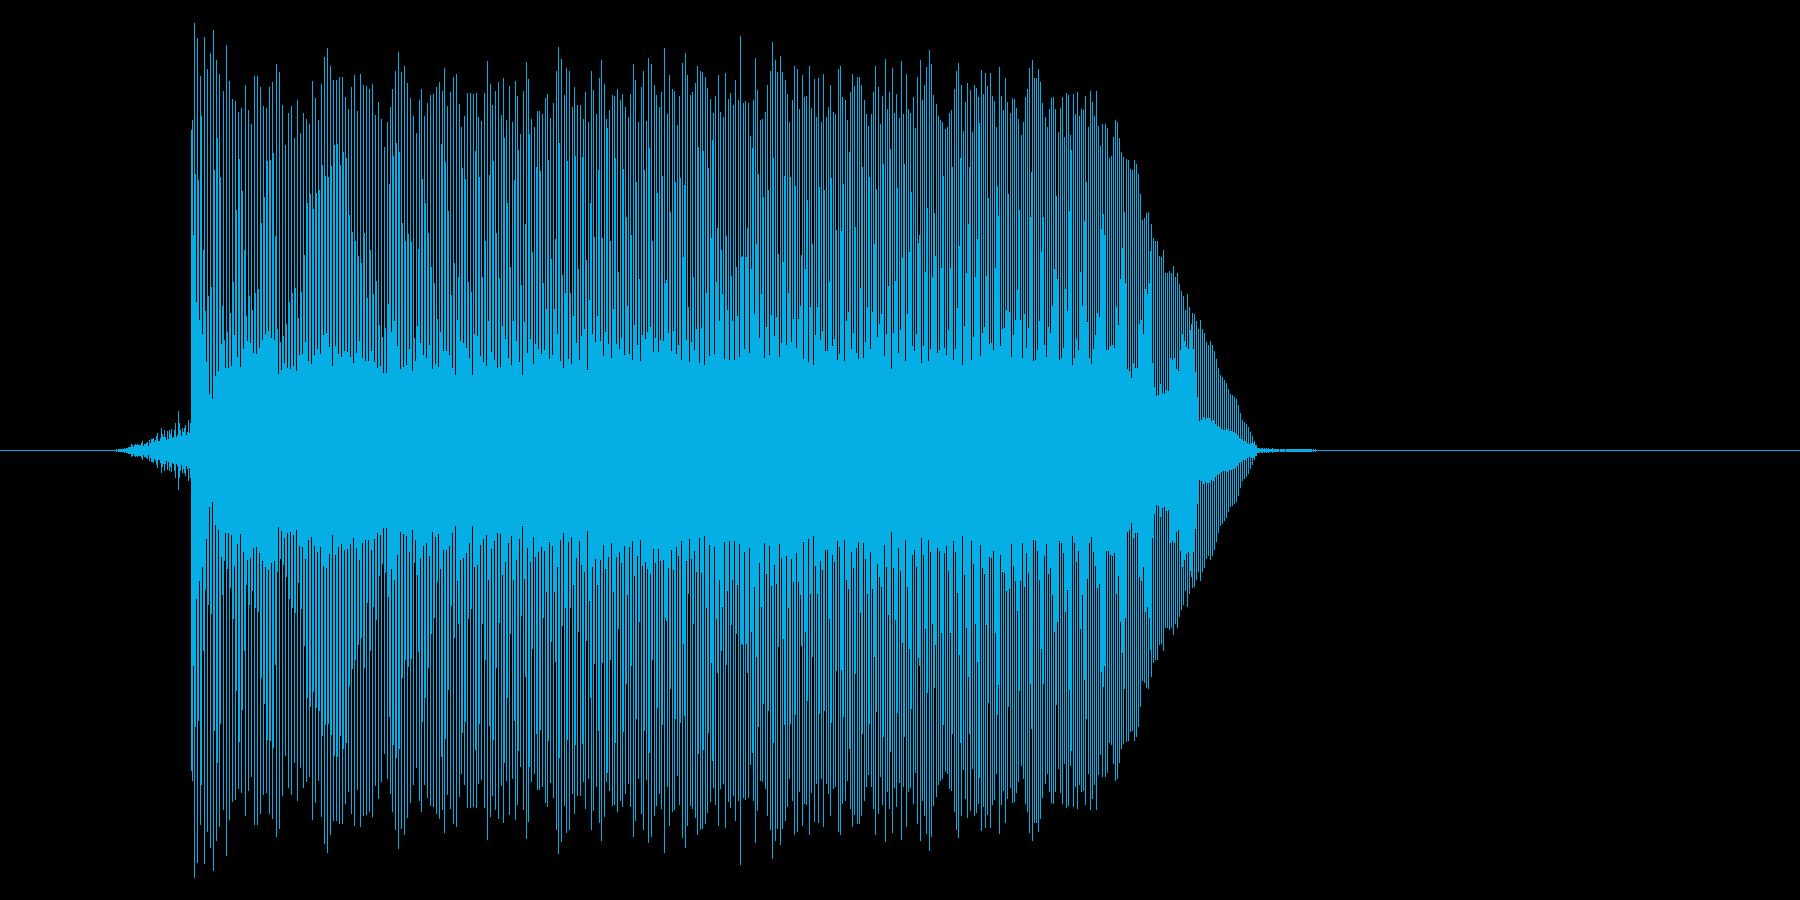 ゲーム(ファミコン風)ジャンプ音_024の再生済みの波形